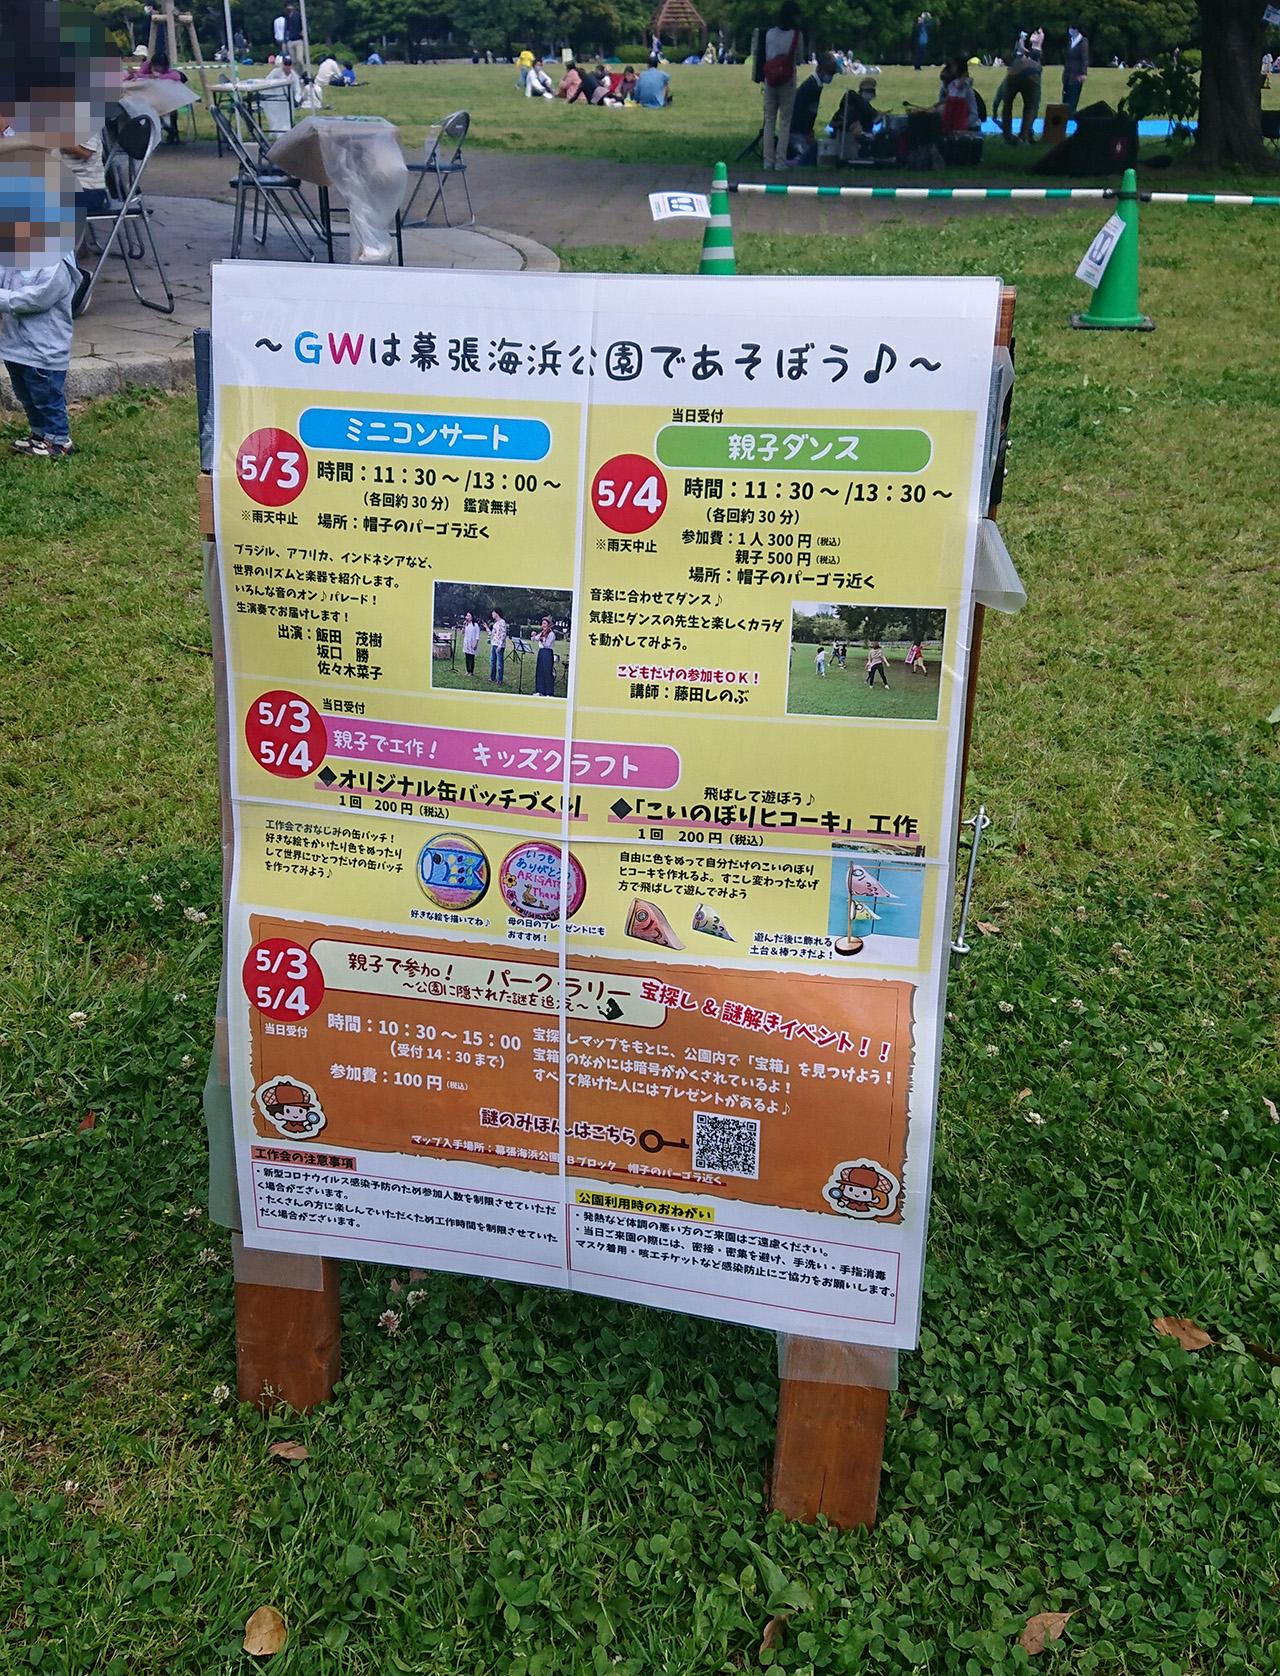 イベント情報の看板の写真